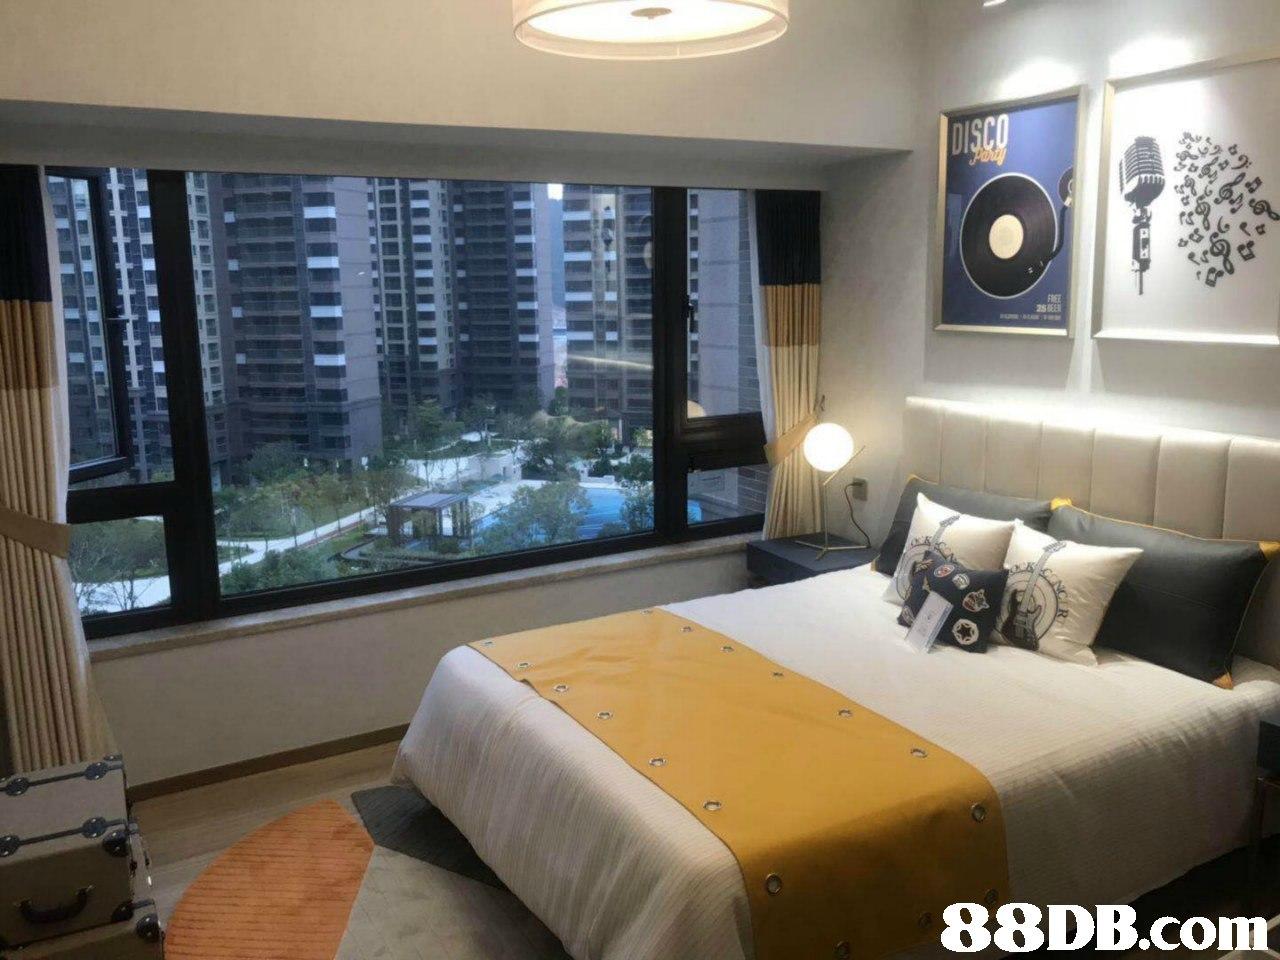 property,room,interior design,bedroom,real estate